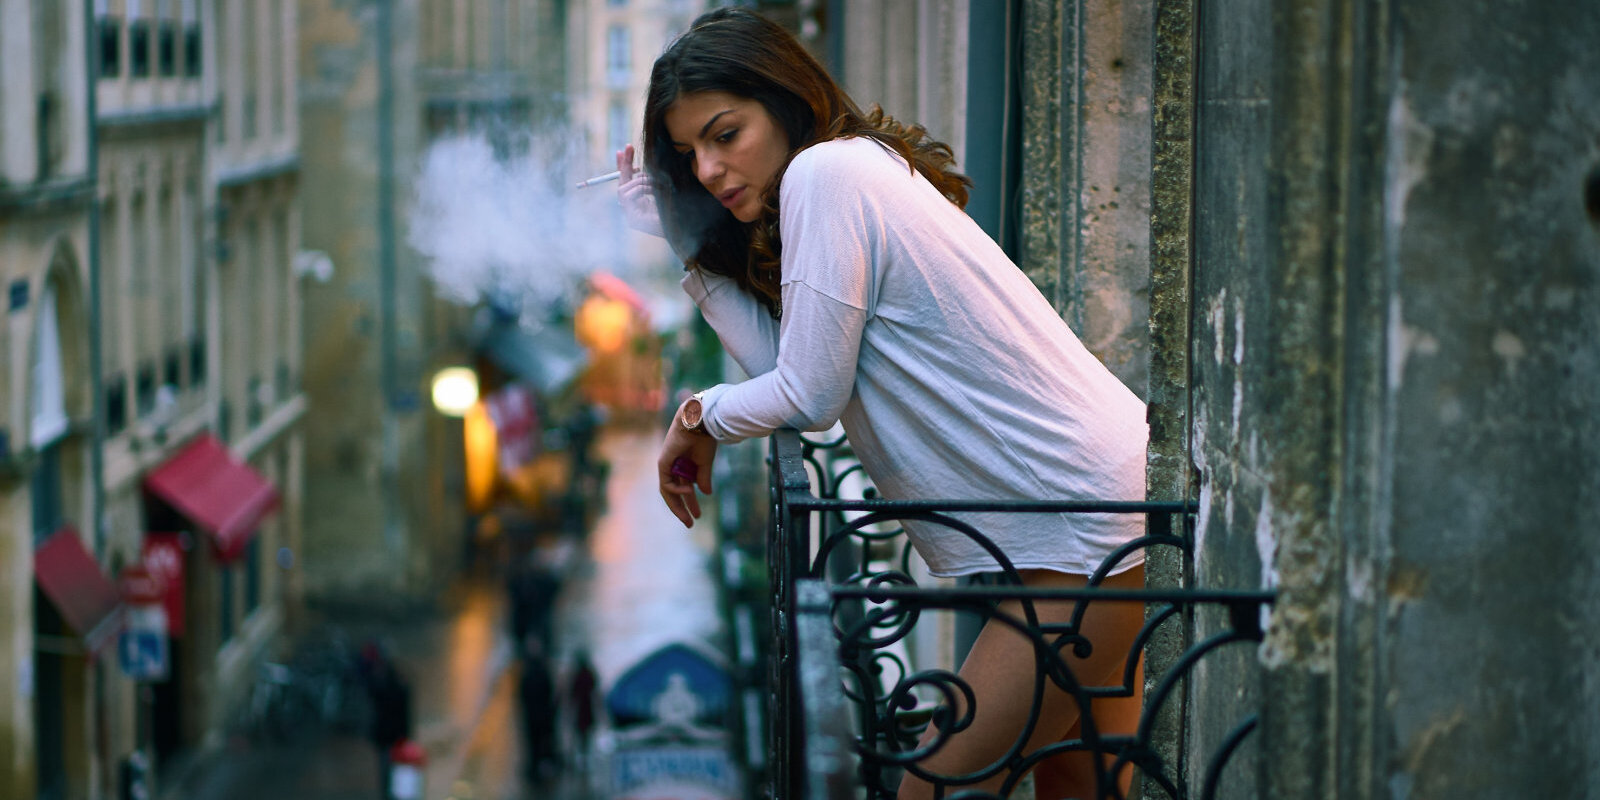 Закурил на балконе — получил штраф. Работает ли на самом деле закон об ограничении курения?